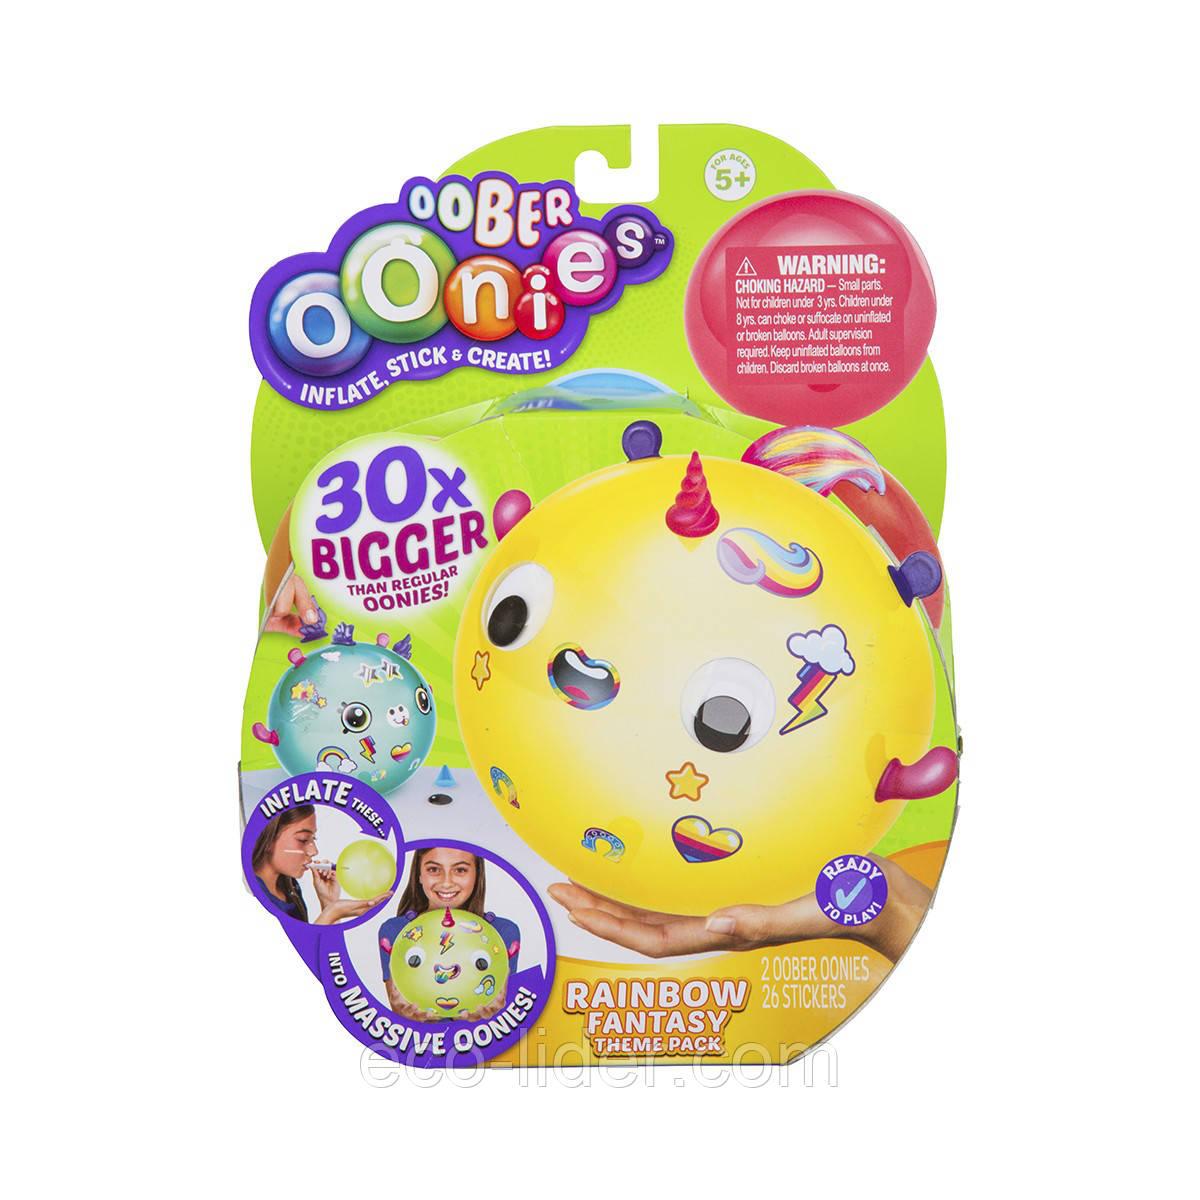 Набор для создания игрушек OONIES - ФЭНТЕЗИ (2 заготовки, трубочка для надувания, 23 детали)